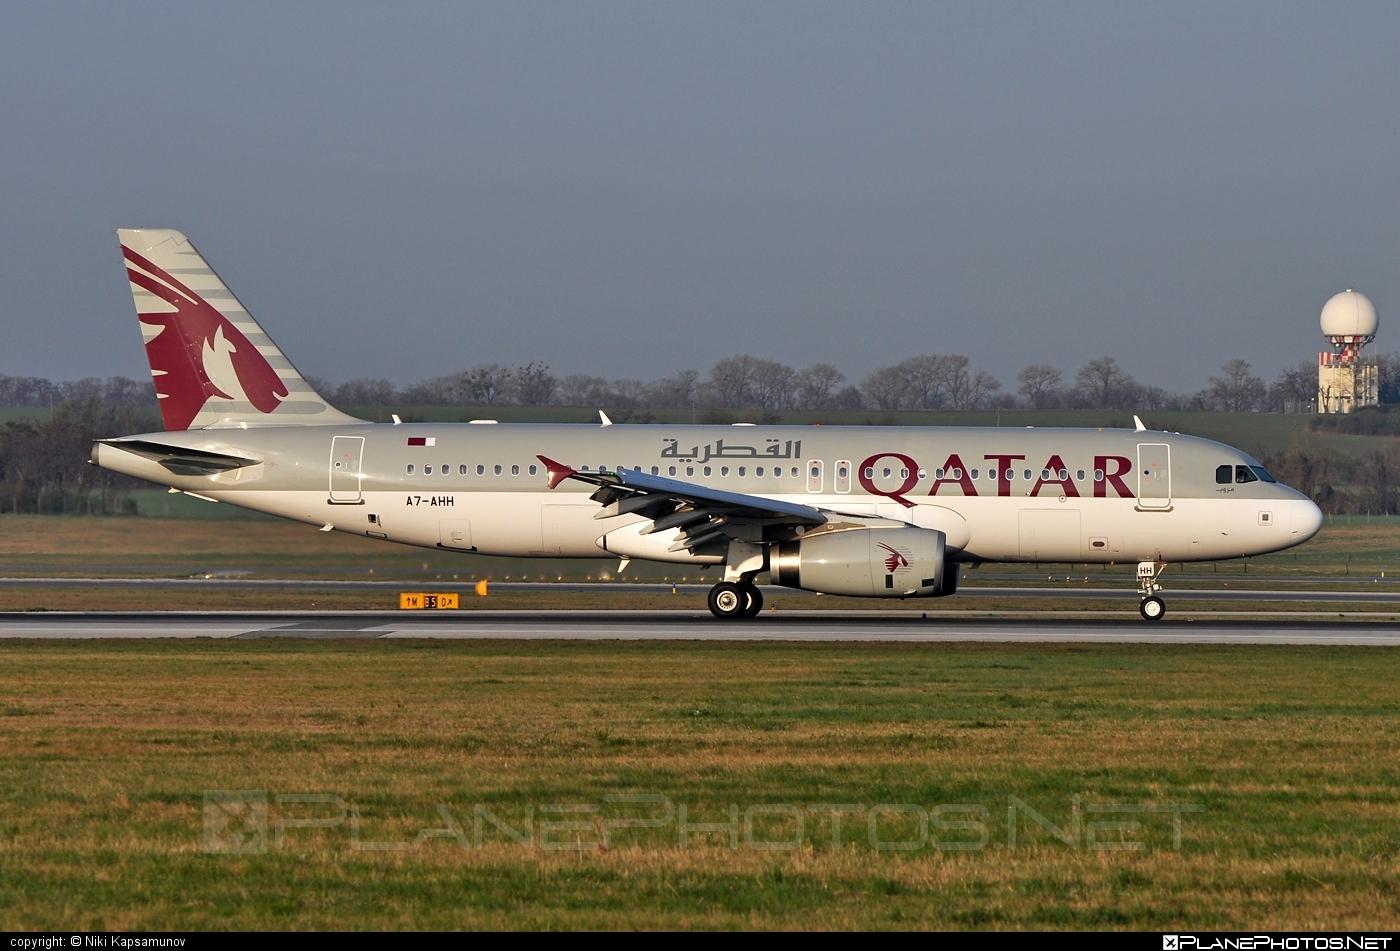 Airbus A320-232 - A7-AHH operated by Qatar Airways #a320 #a320family #airbus #airbus320 #qatarairways